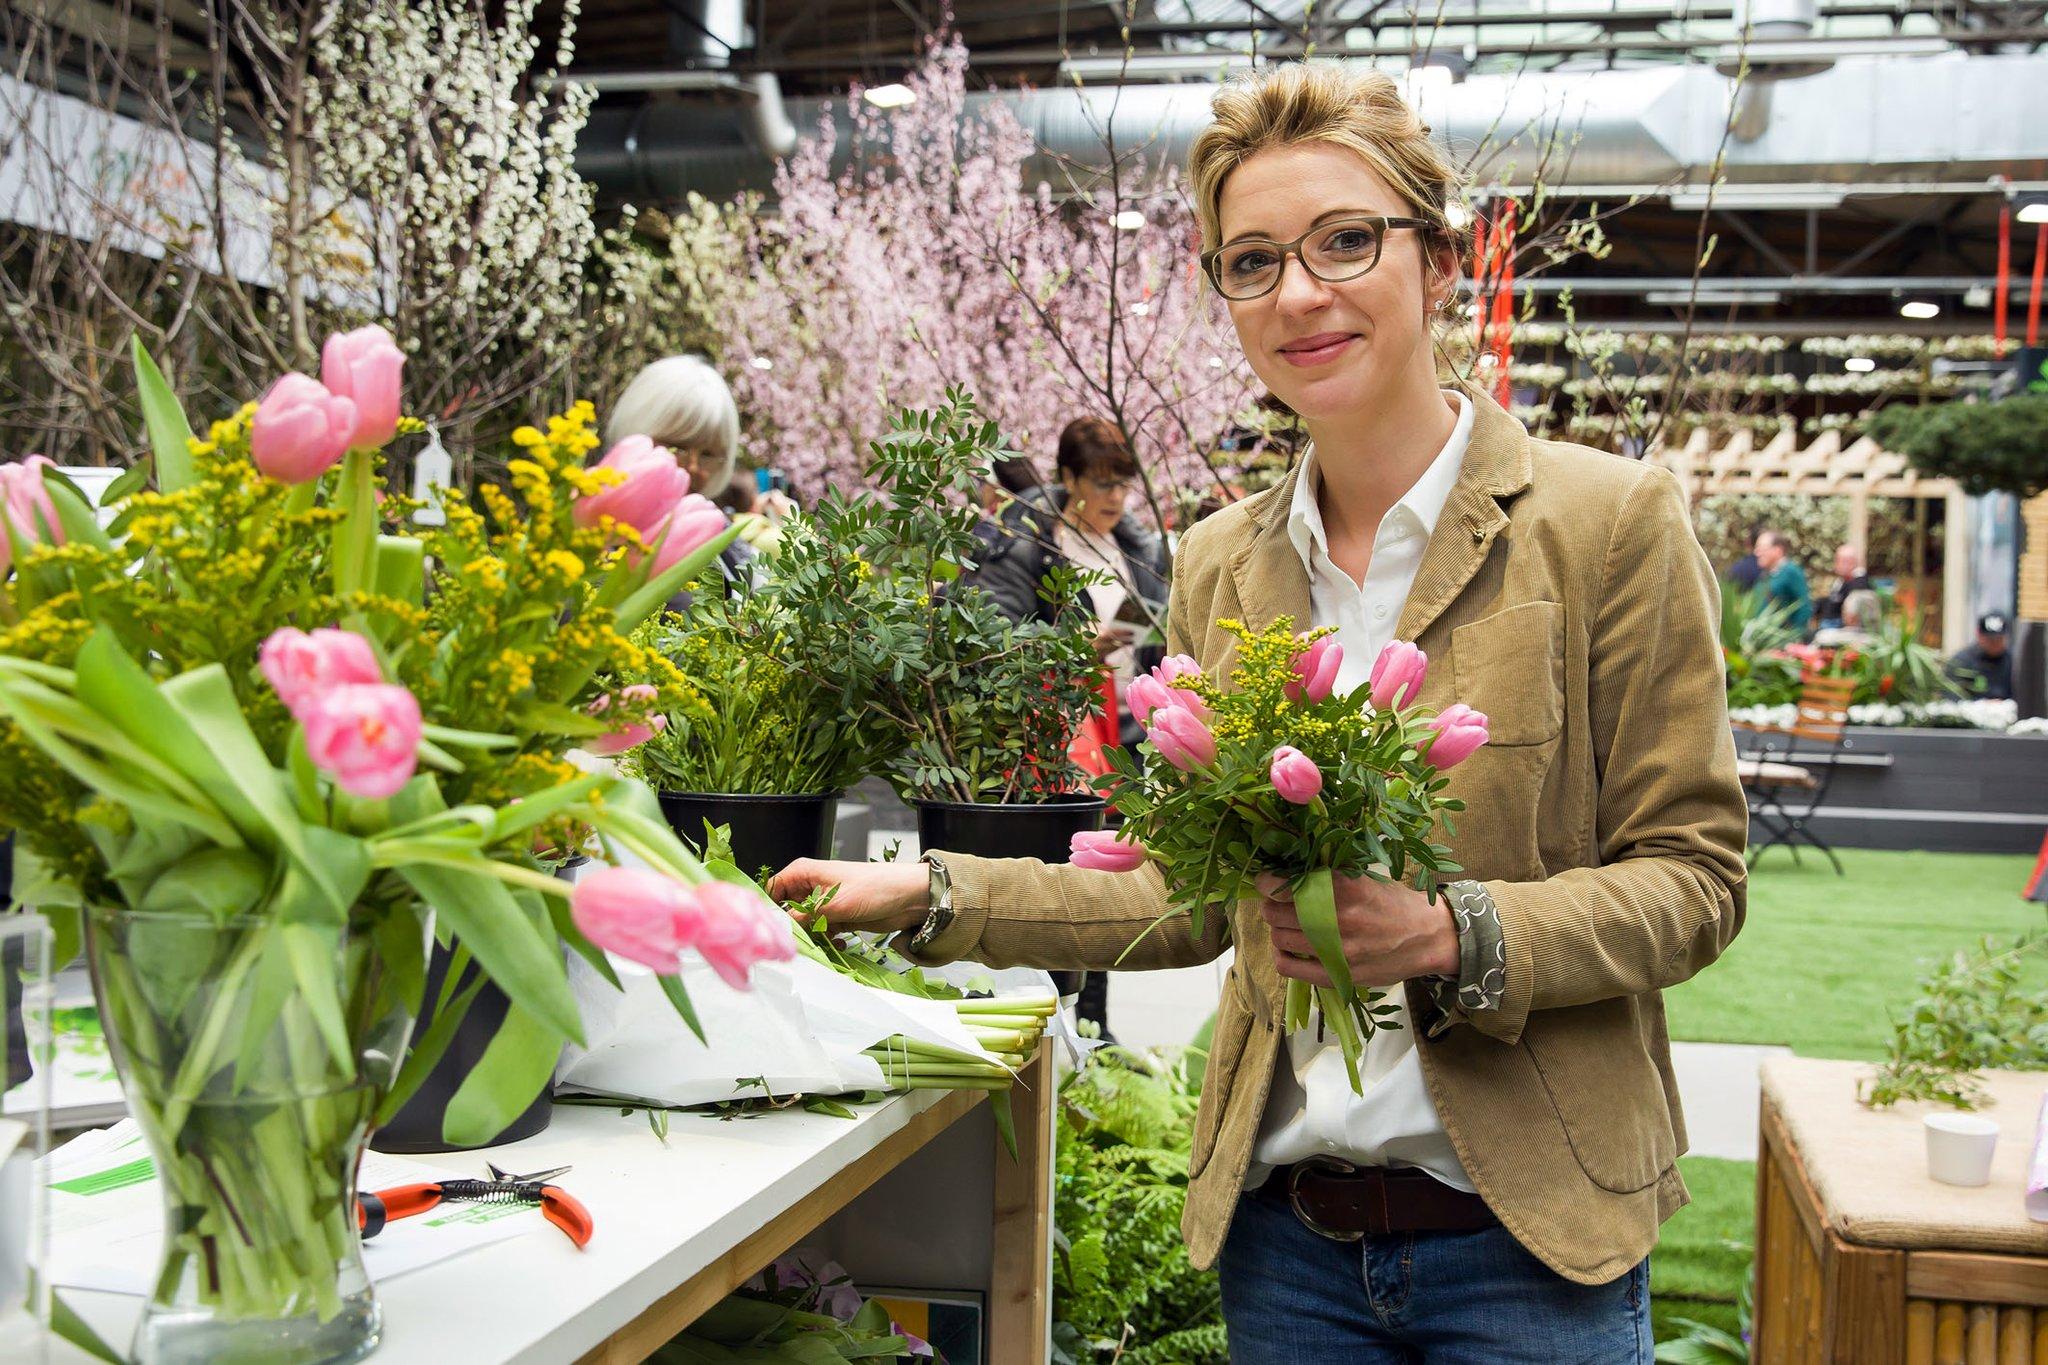 Chance der woche der fr hling kommt gewinnen sie tickets f r die messe gartentr ume berlin 2019 - Gartenberatung berlin ...